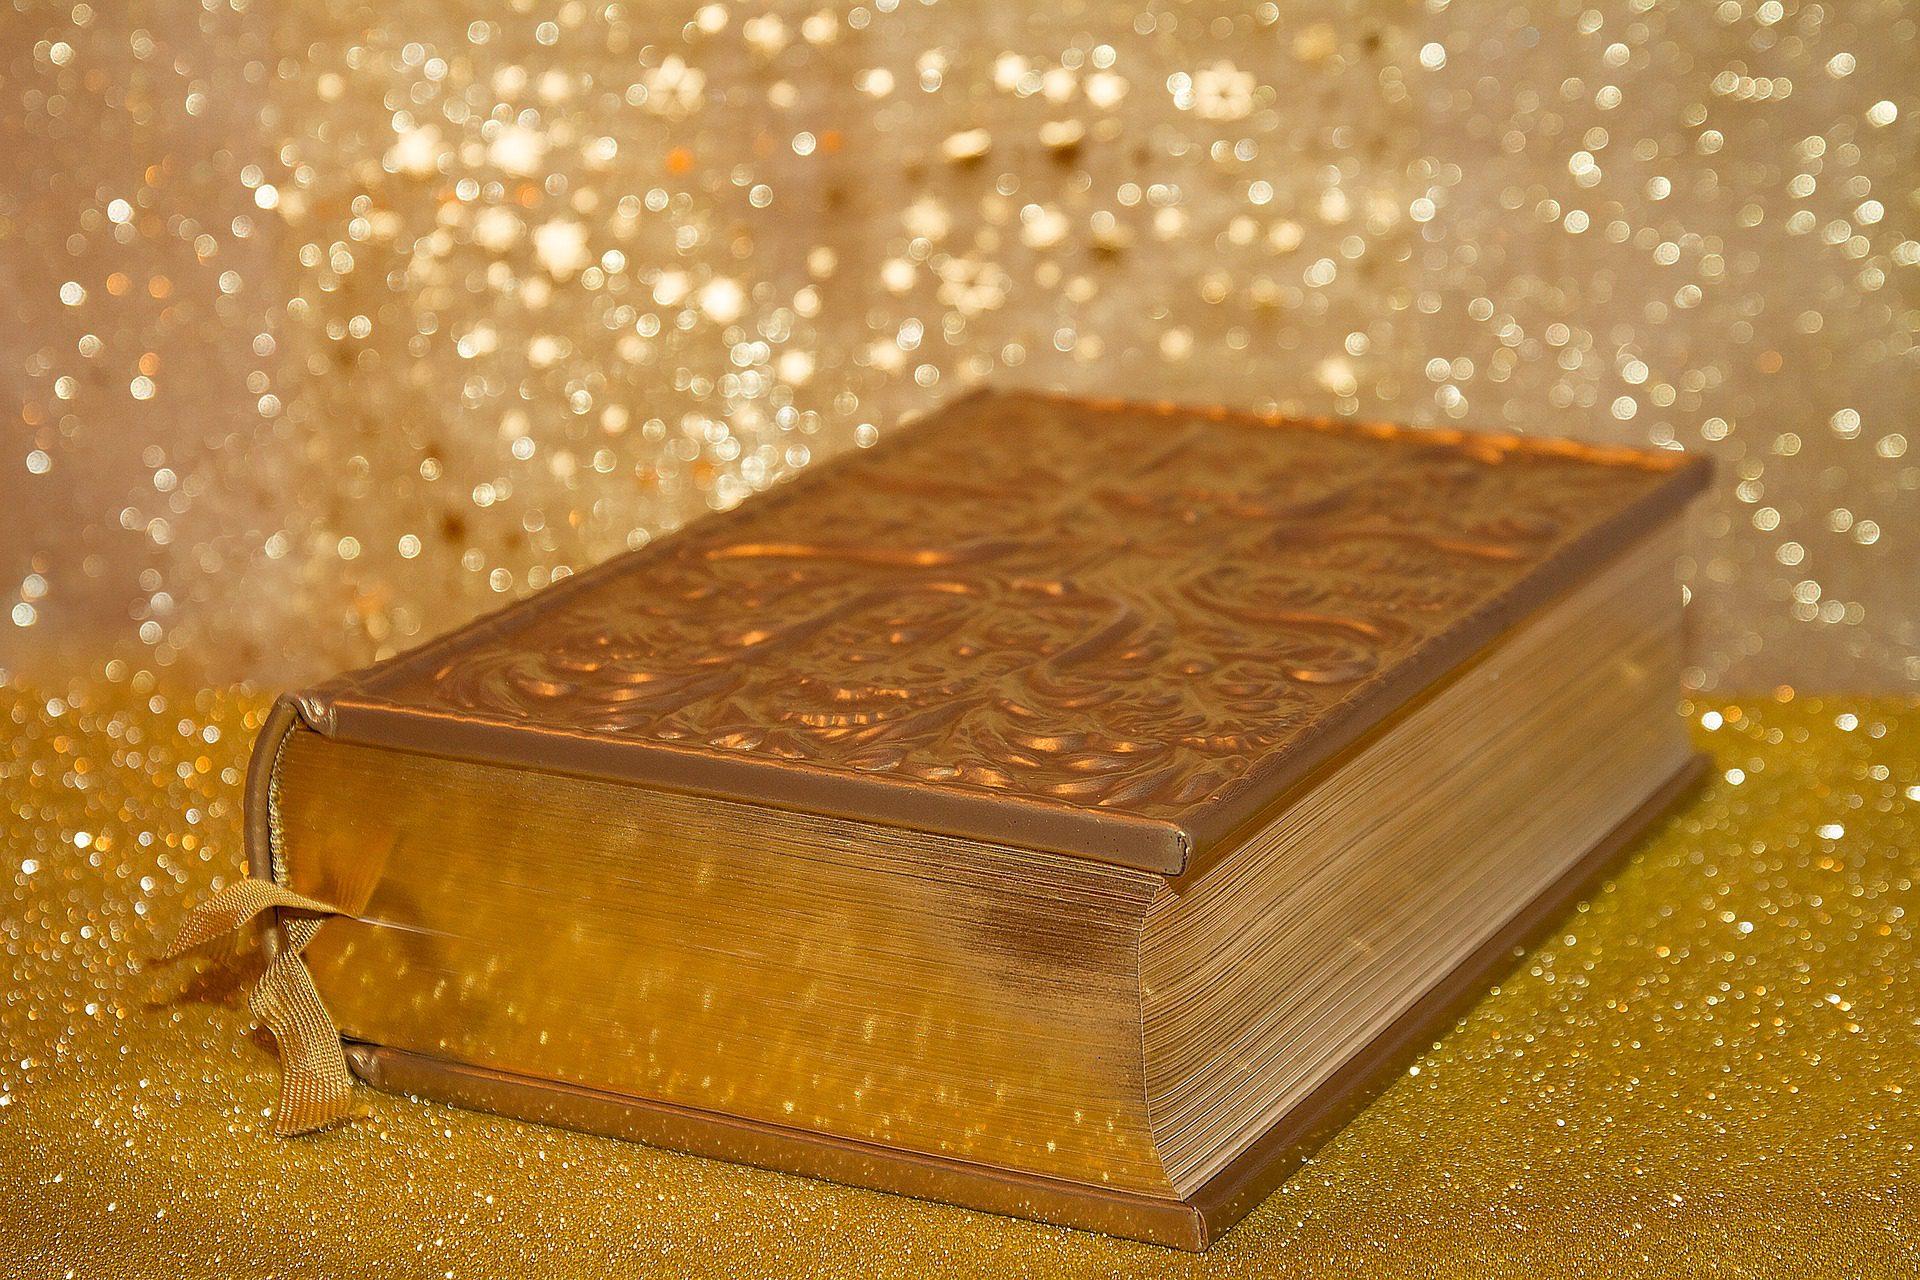 Tízféle bizonyíték, a tudásszerzés további védikus módszerei (pramāṇa)